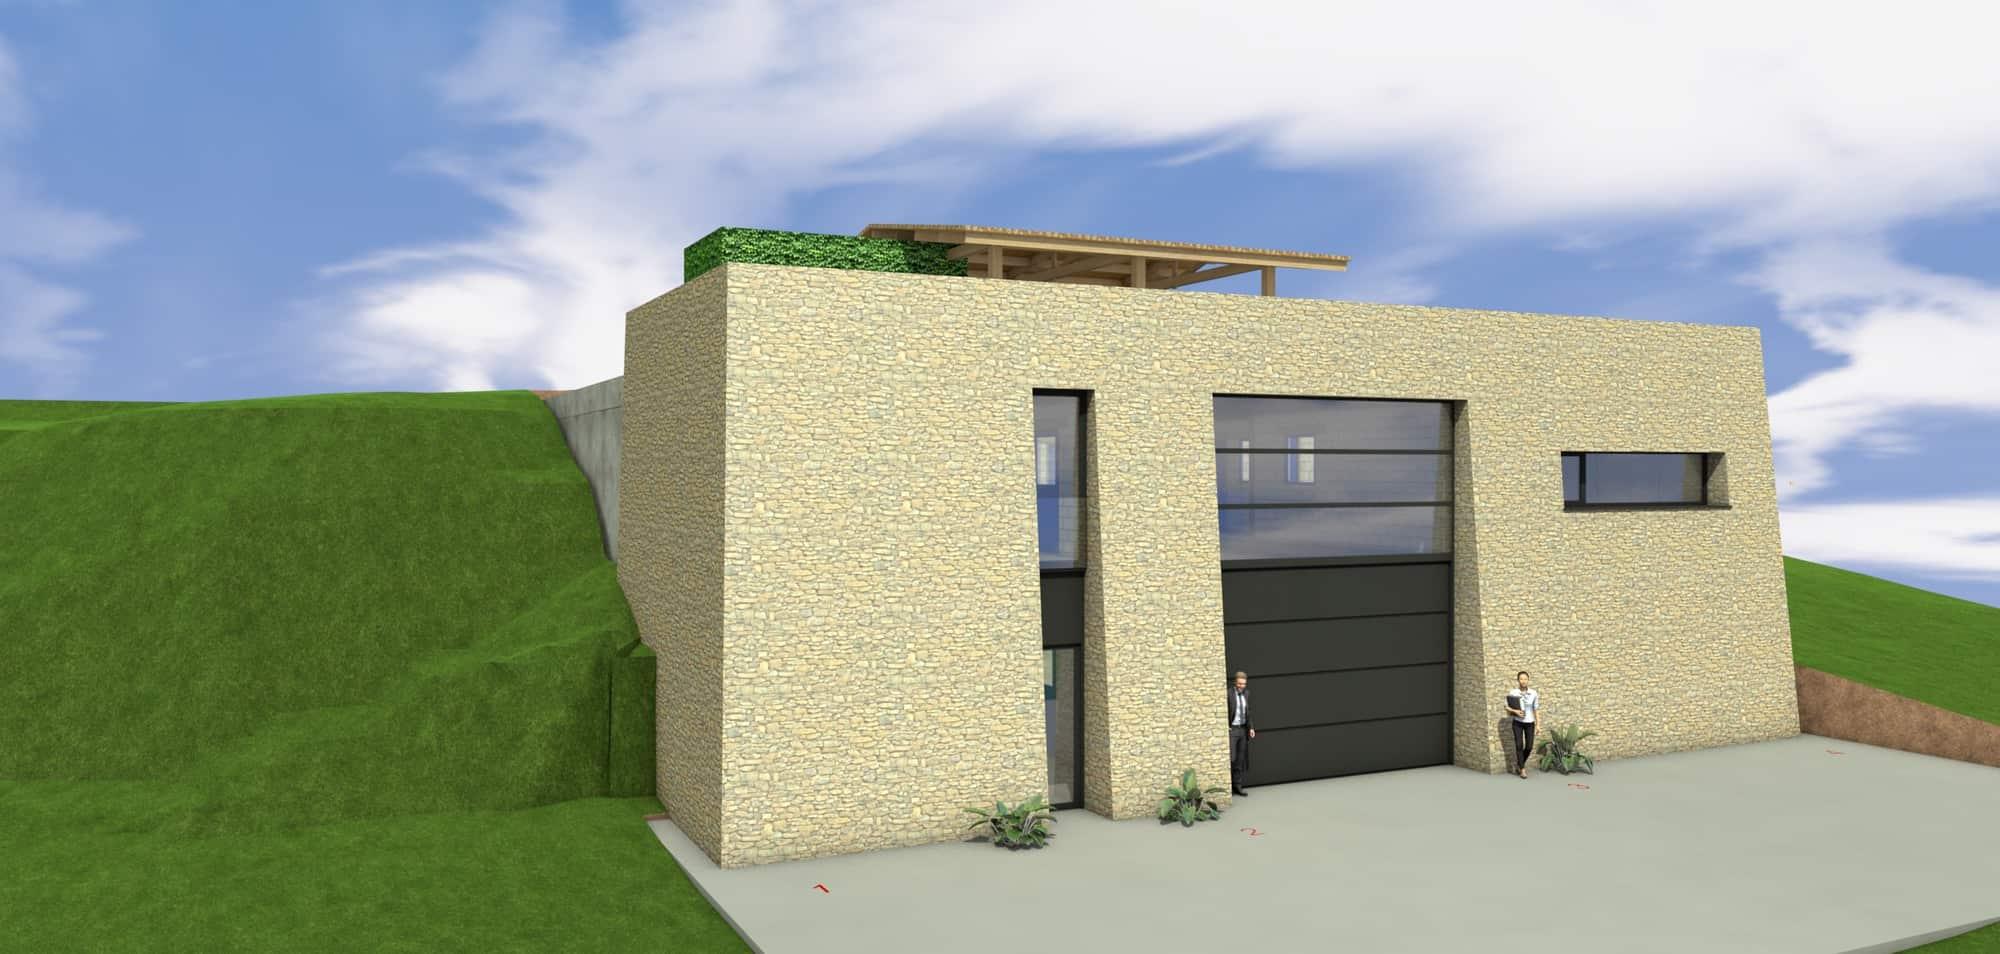 Detail afbeelding 11 van LIETEBERG – Technische dienst – Wedstrijdontwerp + uitvoeringsontwerp | Ontwerp door architect Patrick Strackx